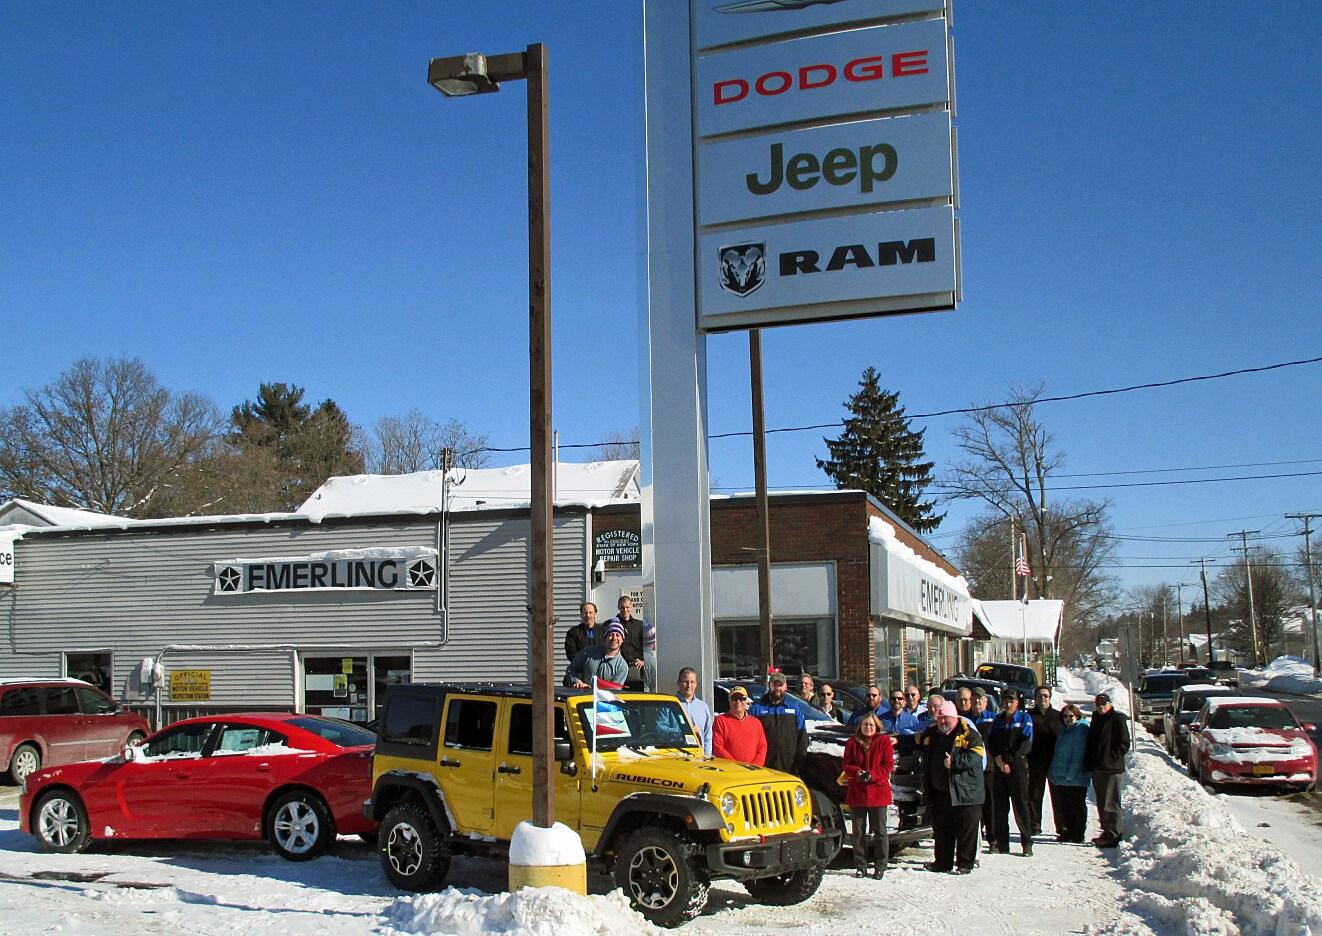 Emerling Chrysler Dodge Jeep Ram New Chrysler Dodge